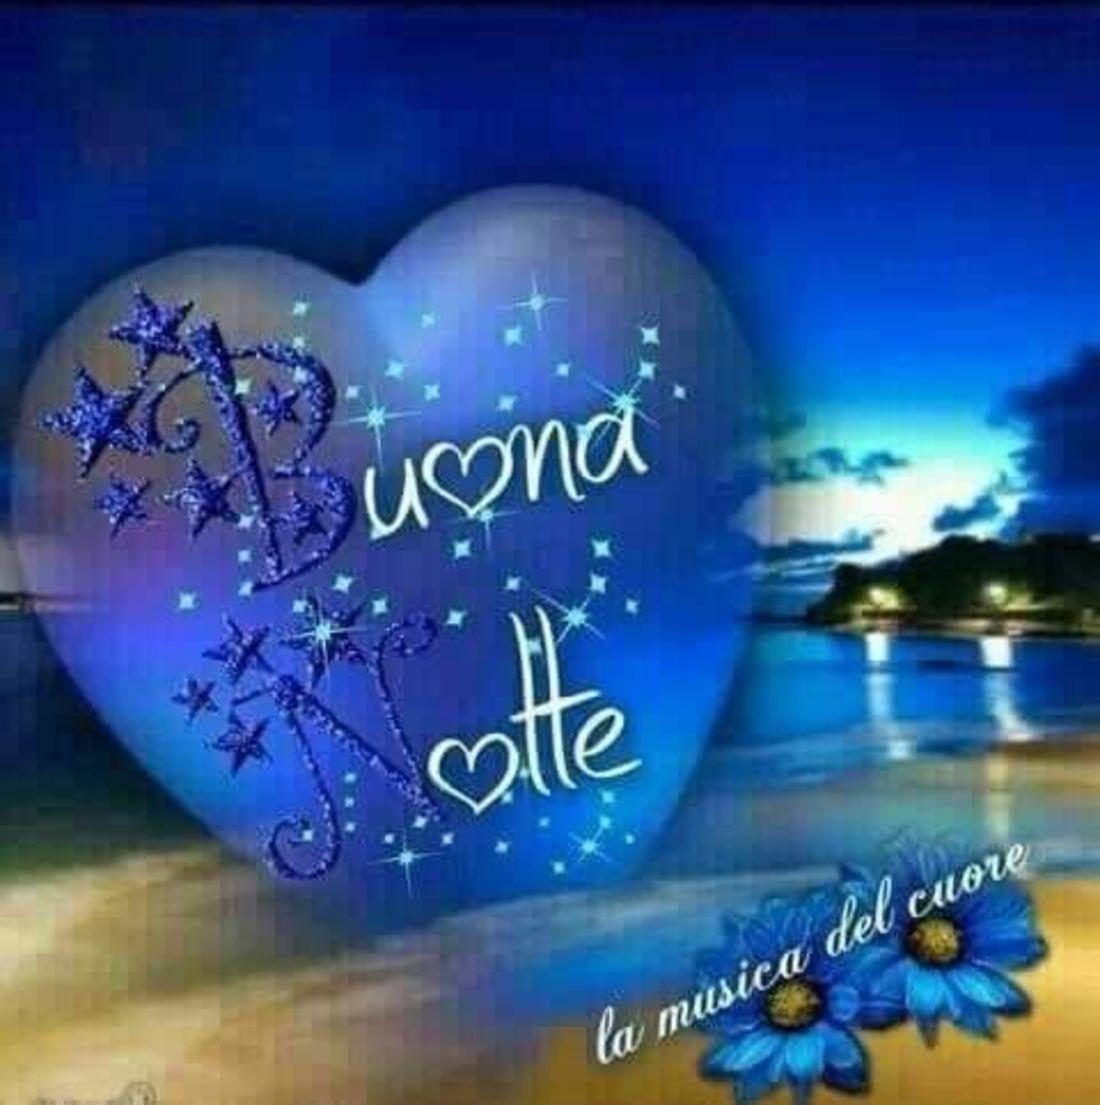 Buonanotte Immagini Da Condividere Gratis 1629 Immaginiwhatsapp It